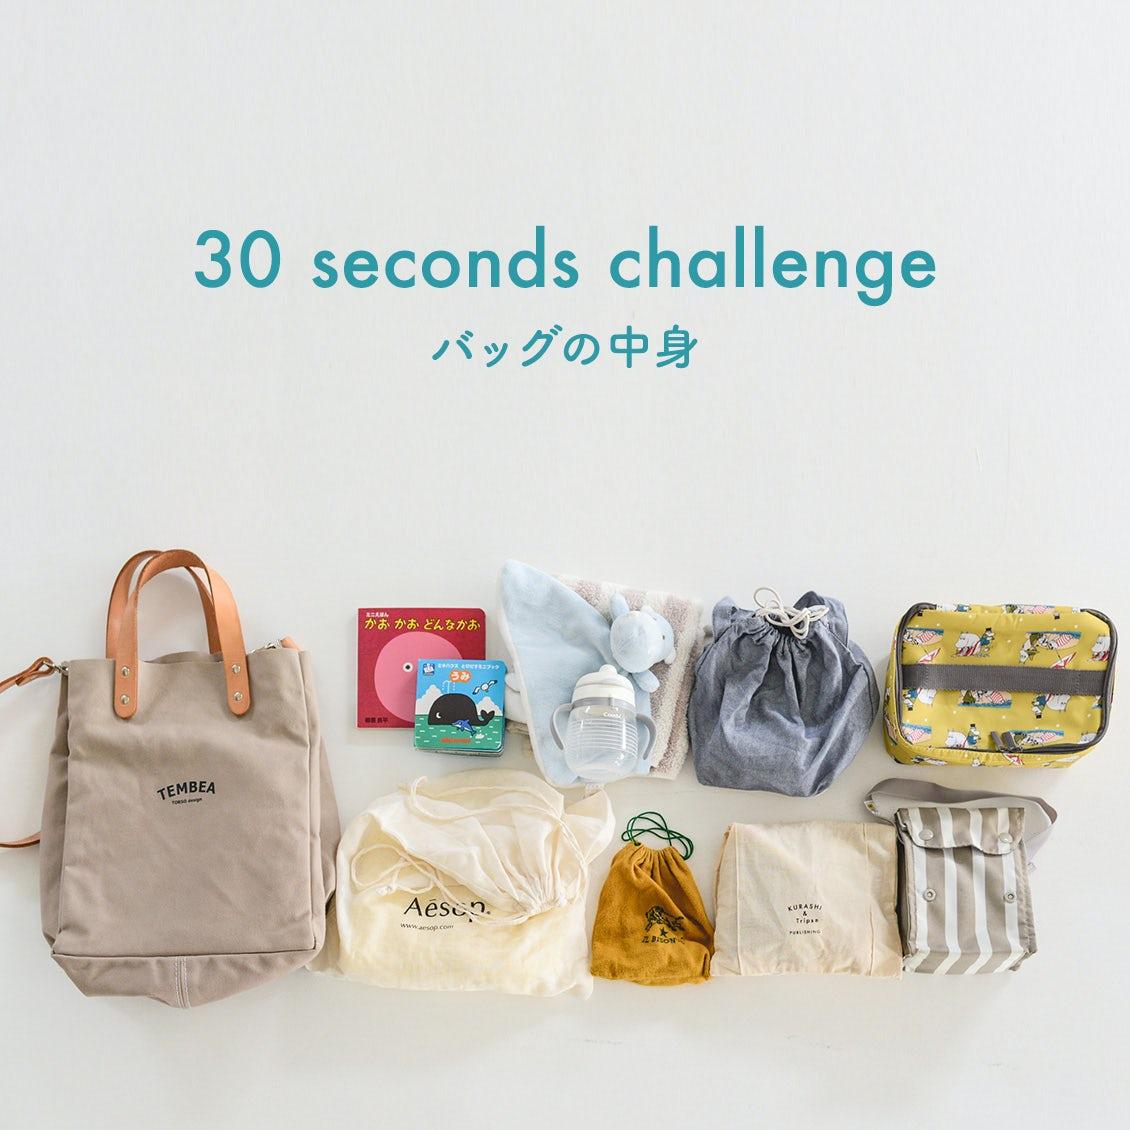 【30秒チャレンジ】ママバッグの中身3つを紹介します!(スタッフ岡本 編)